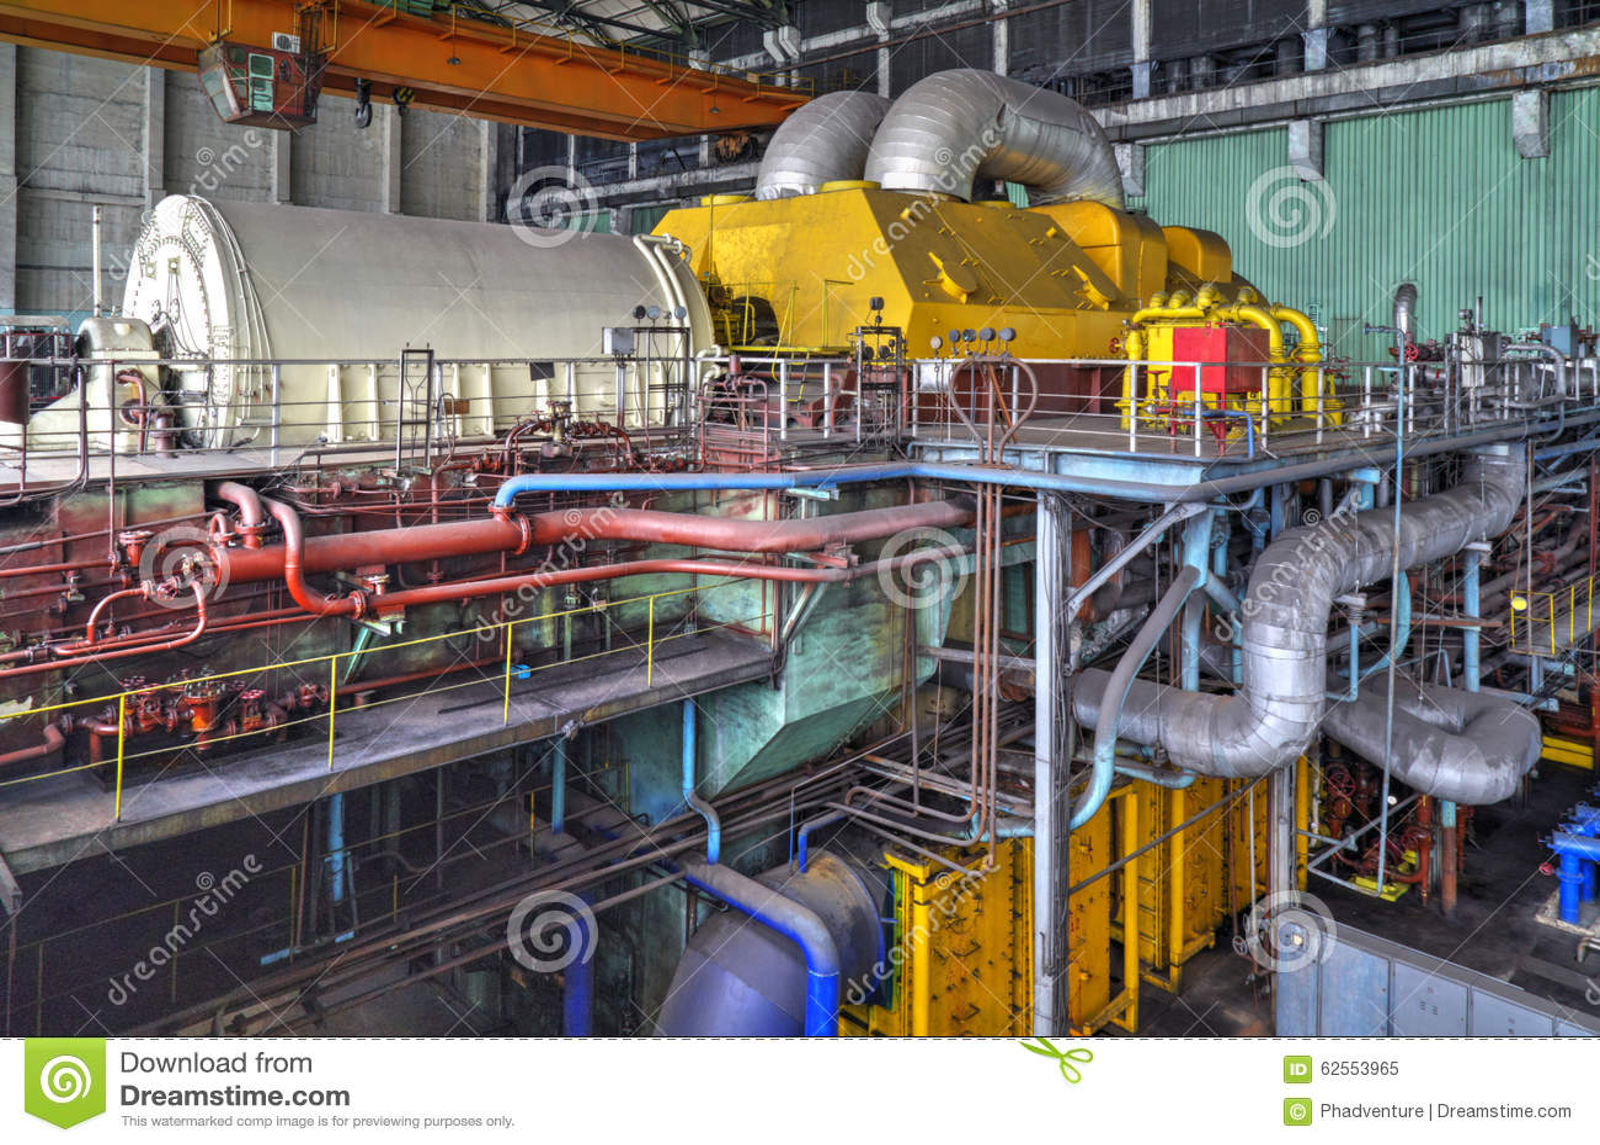 Tolle Funktion Des Kessels Im Wärmekraftwerk Bilder - Der Schaltplan ...